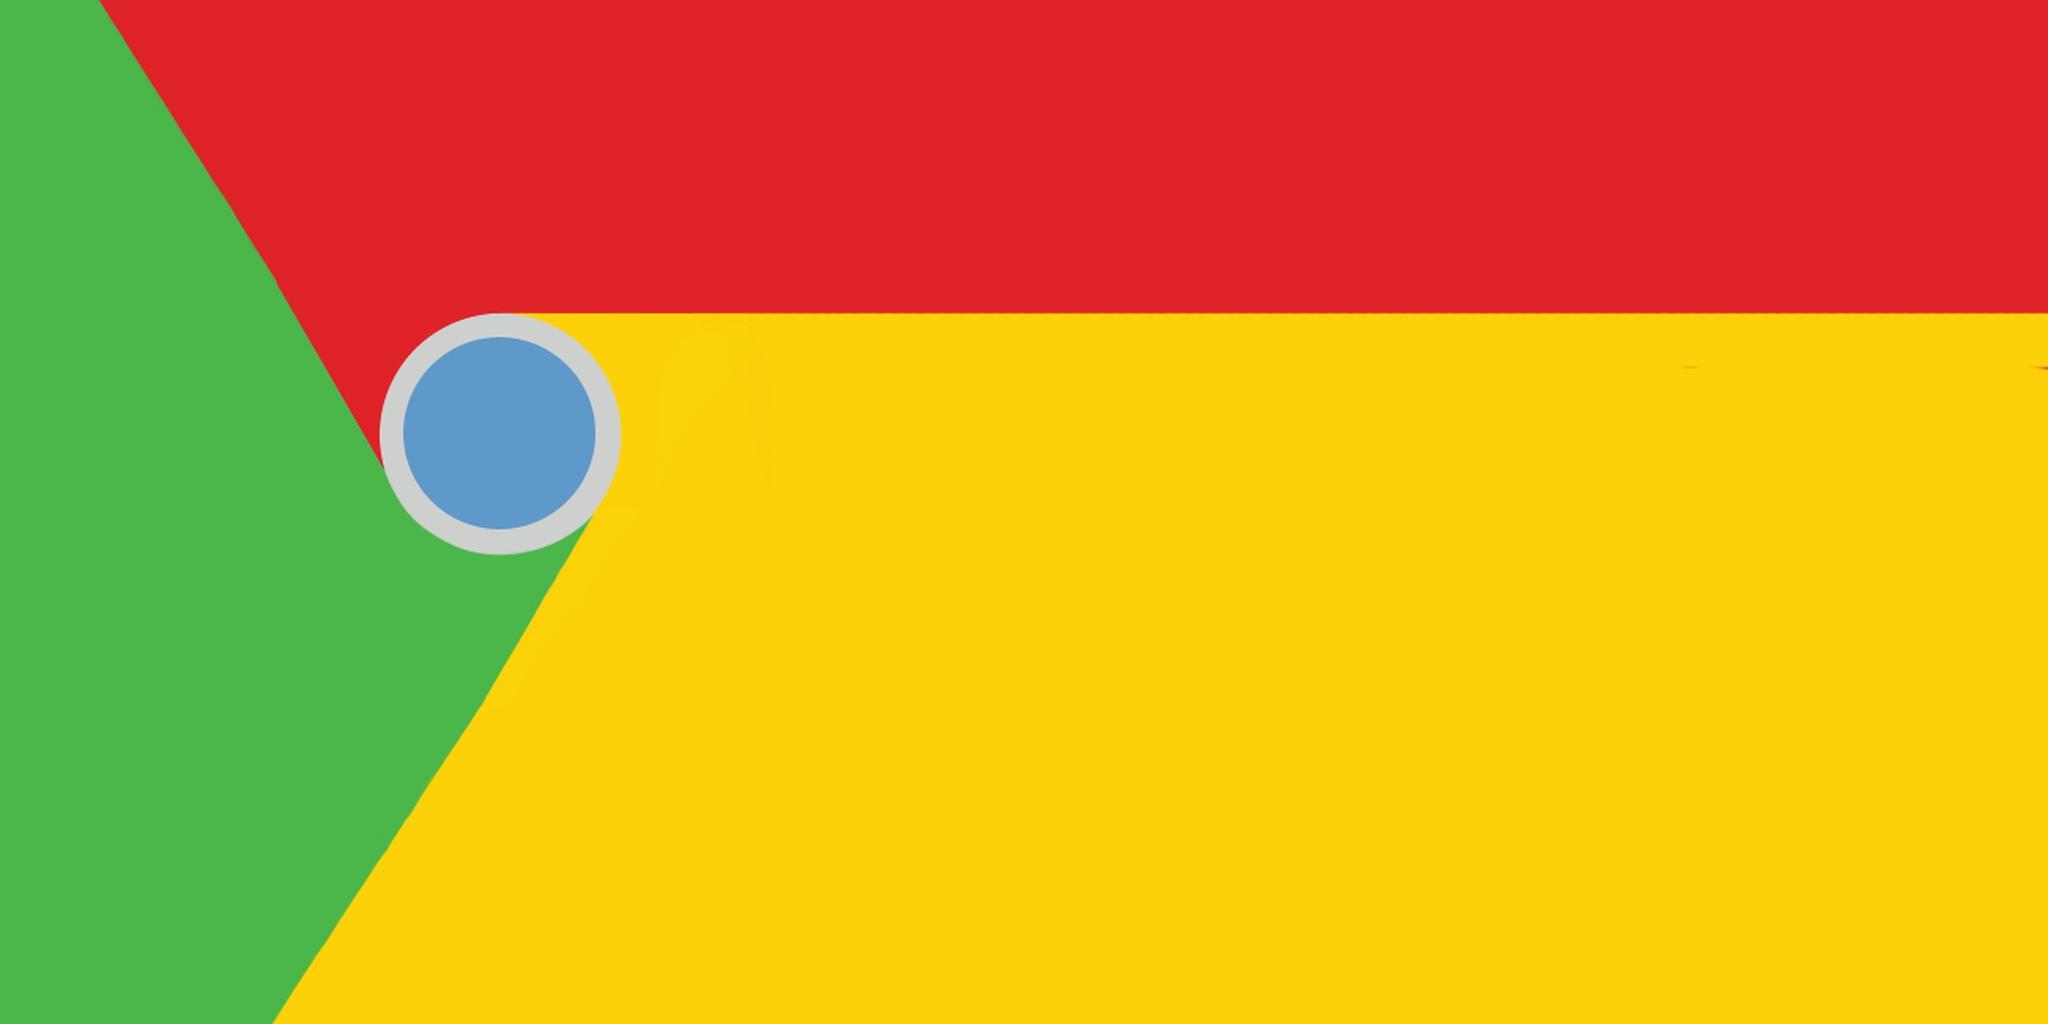 Mematikan Fitur 'Smooth Scrolling' pada Google Chrome